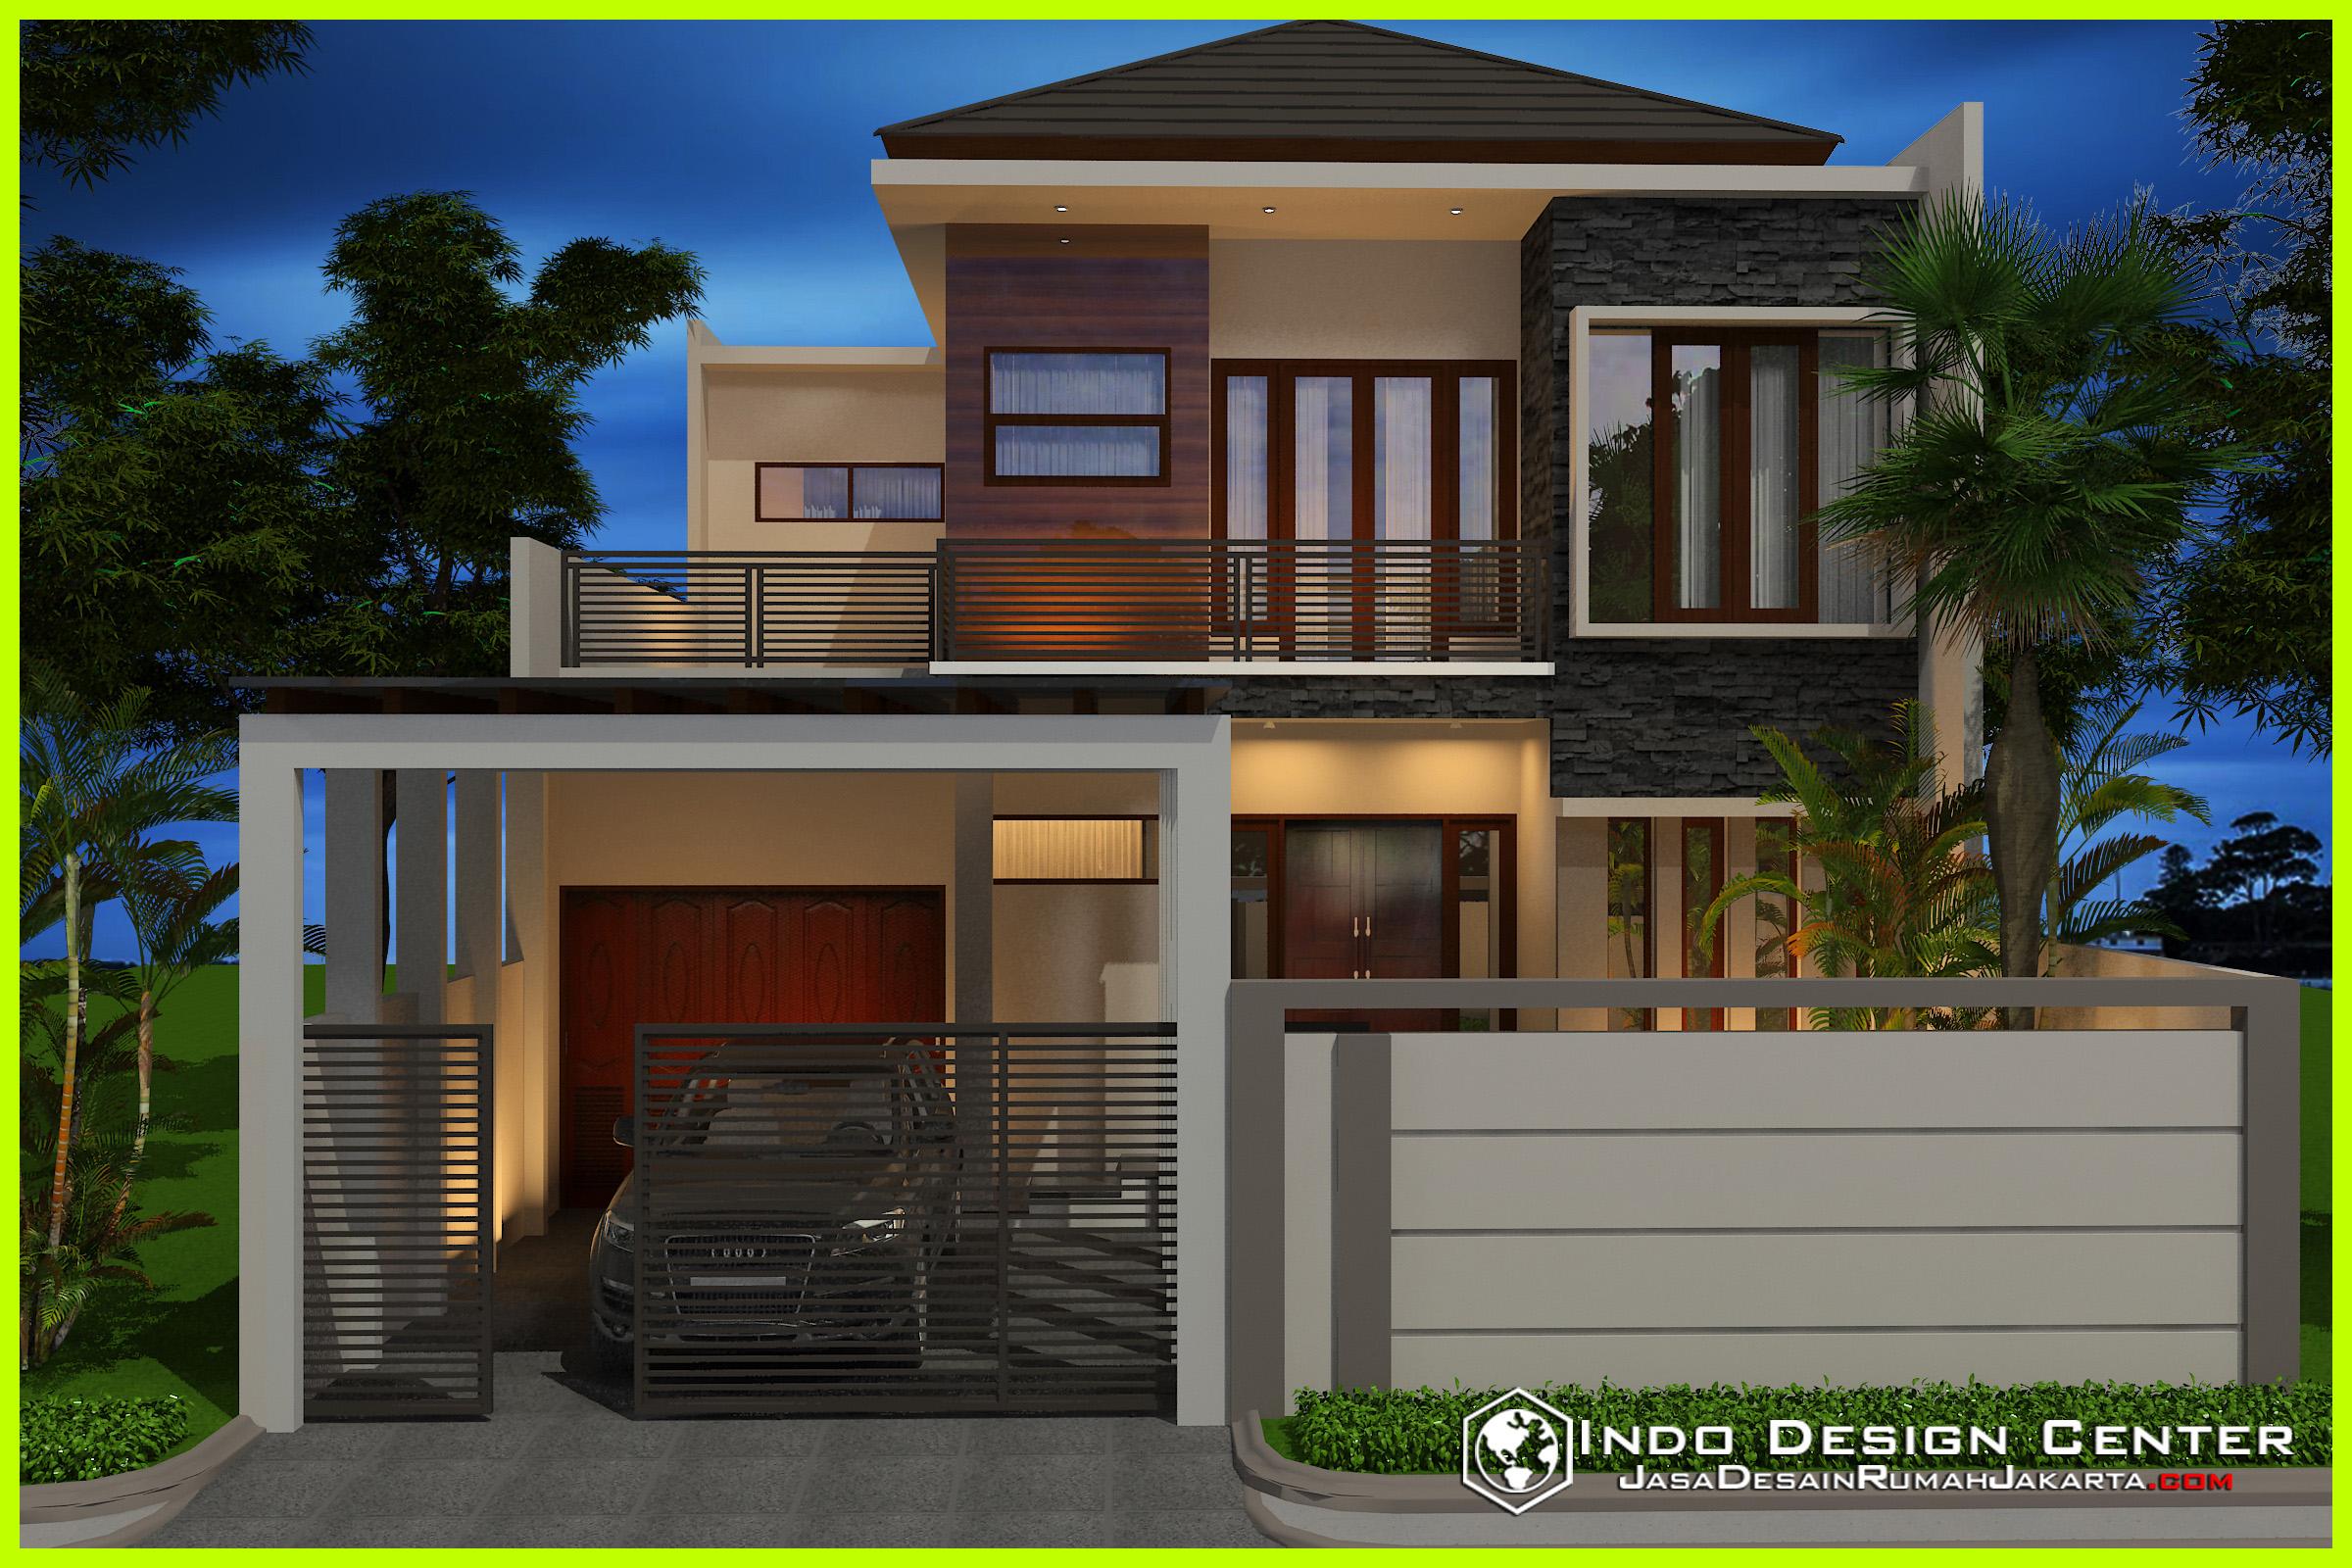 Rumah Mewah Minimalis Jasa Desain Rumah Jakarta